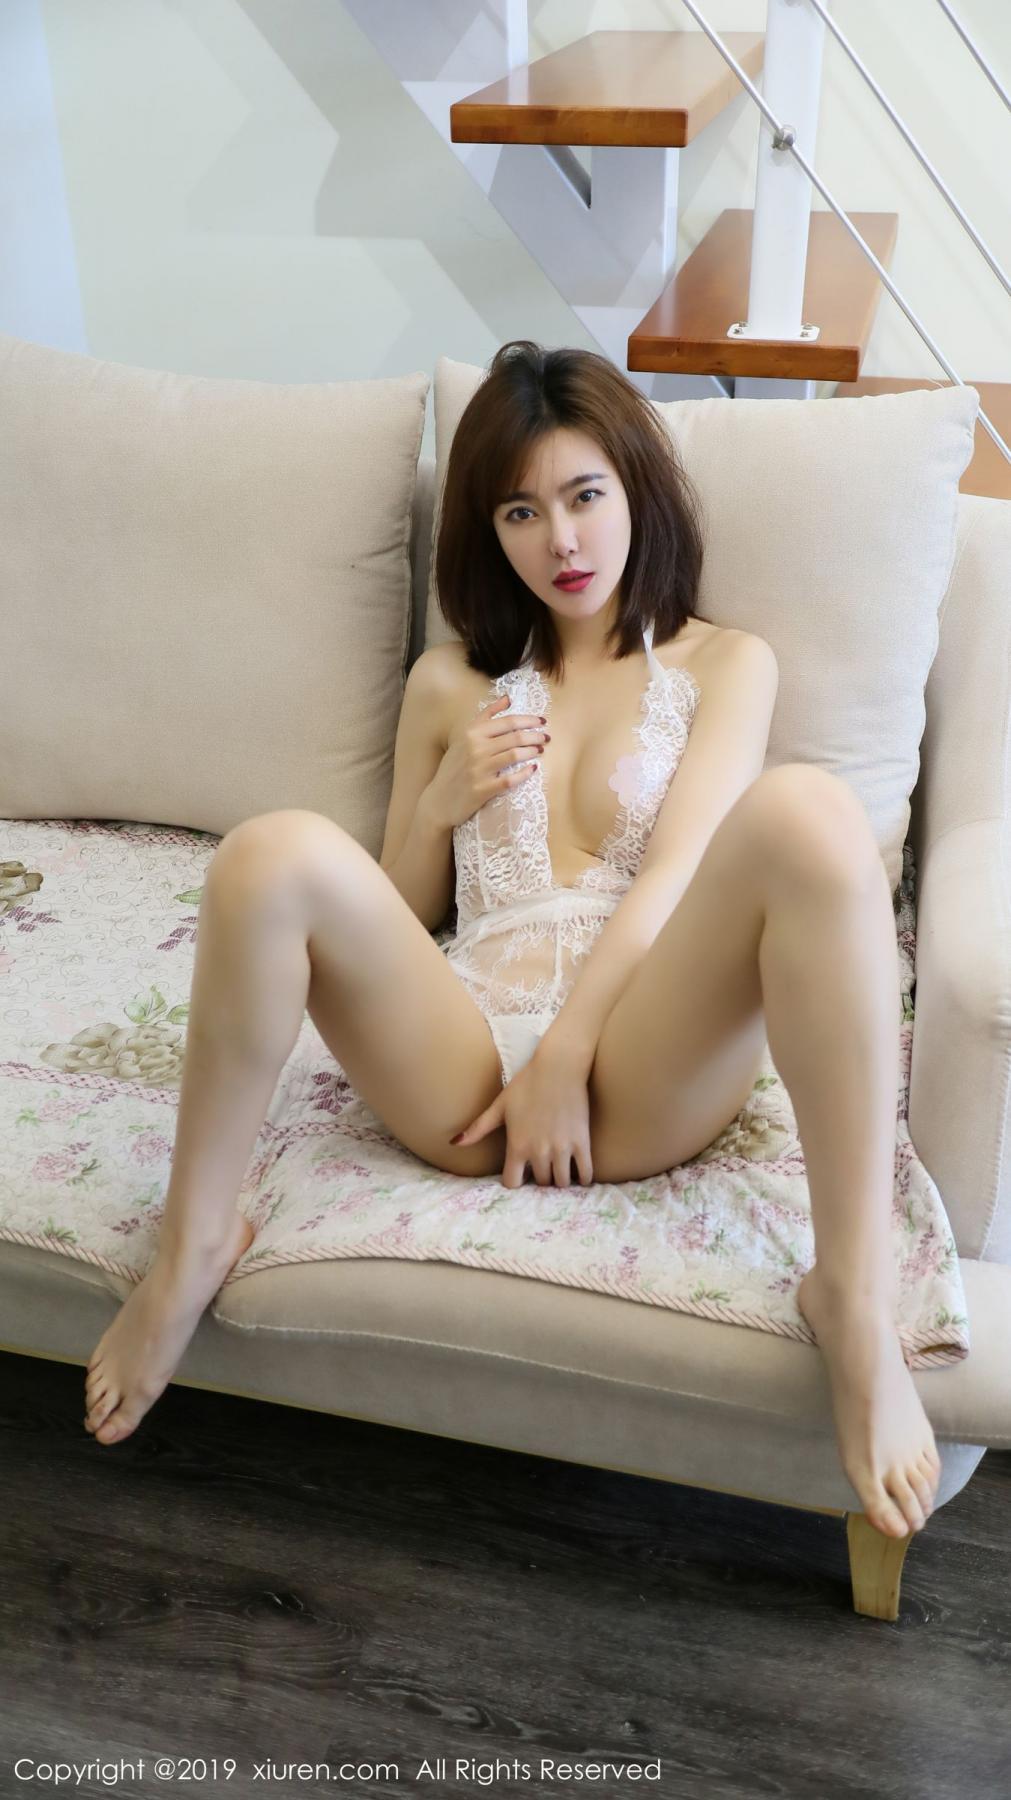 [XiuRen] Vol.1632 Yomi 5P, Underwear, Xiuren, Yomi